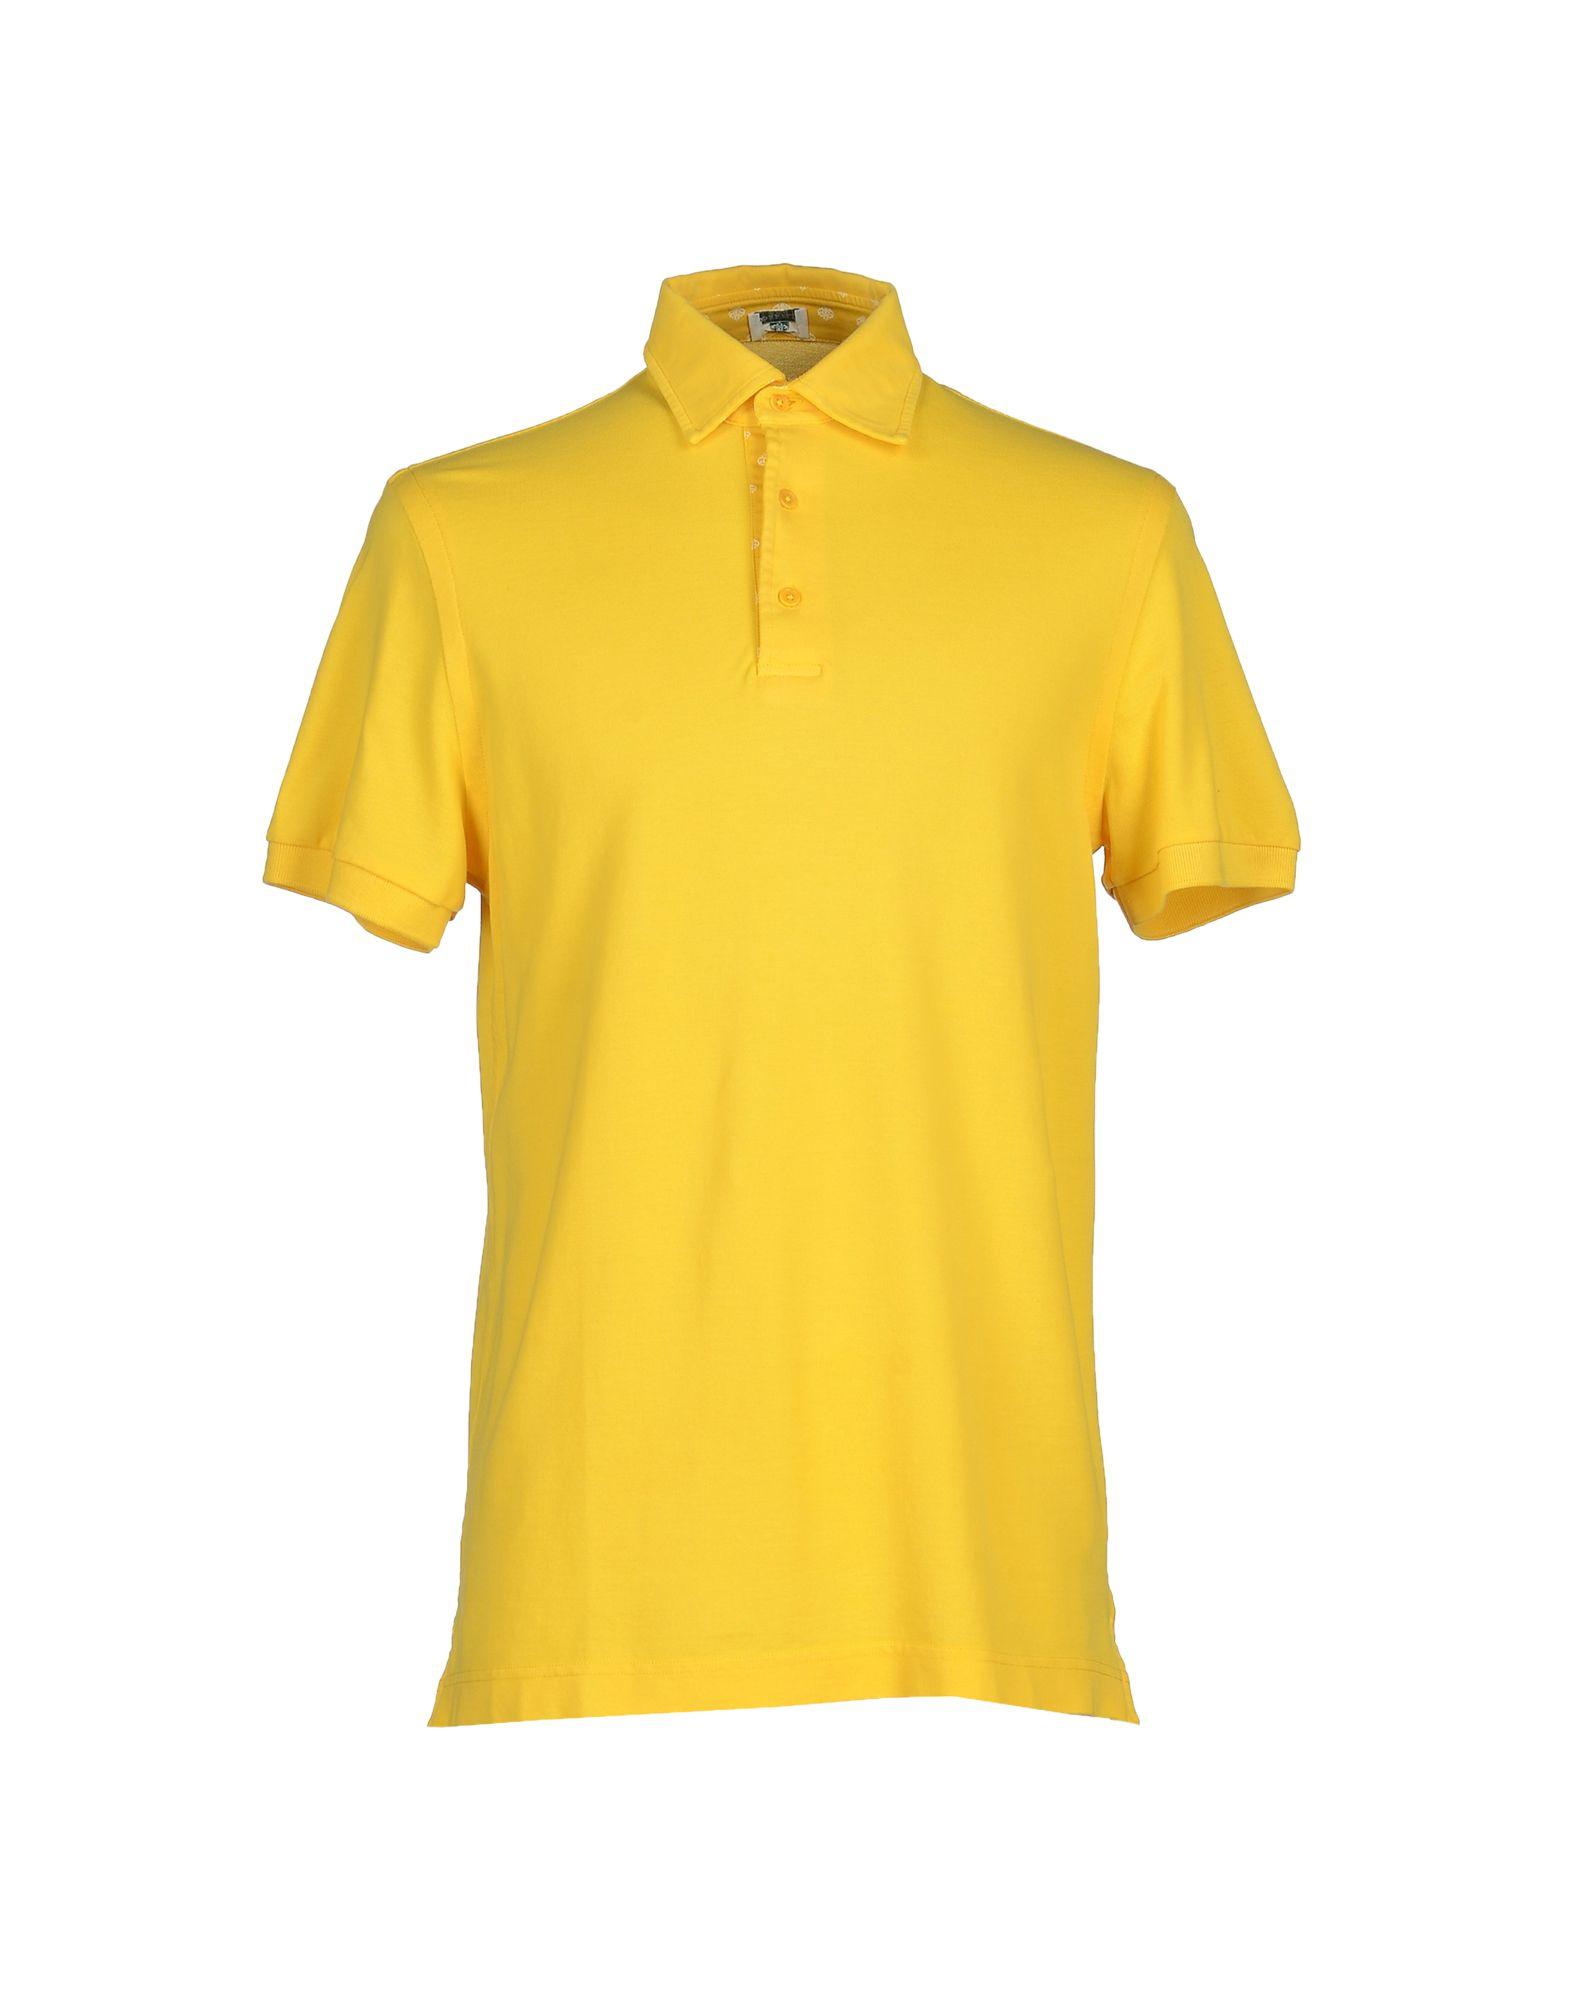 Luigi Borrelli Napoli Polo Shirt In Yellow For Men Lyst